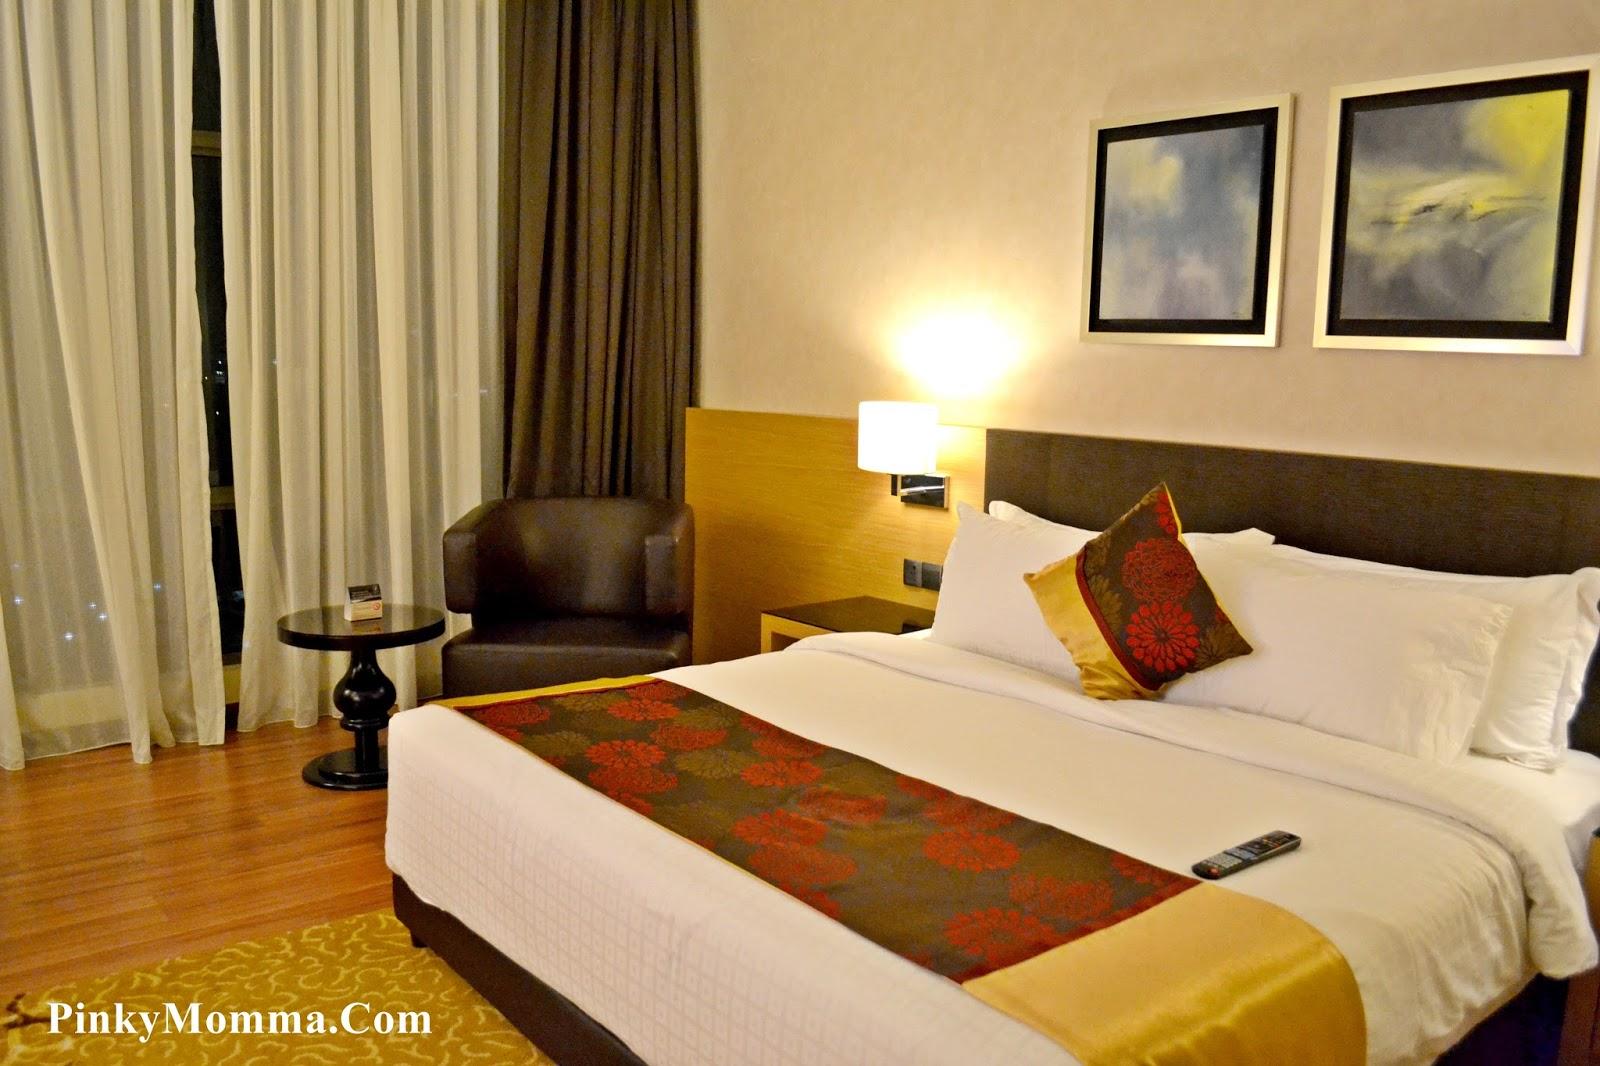 Bilik Tidur Hotel 5 Bintang Desainrumahid